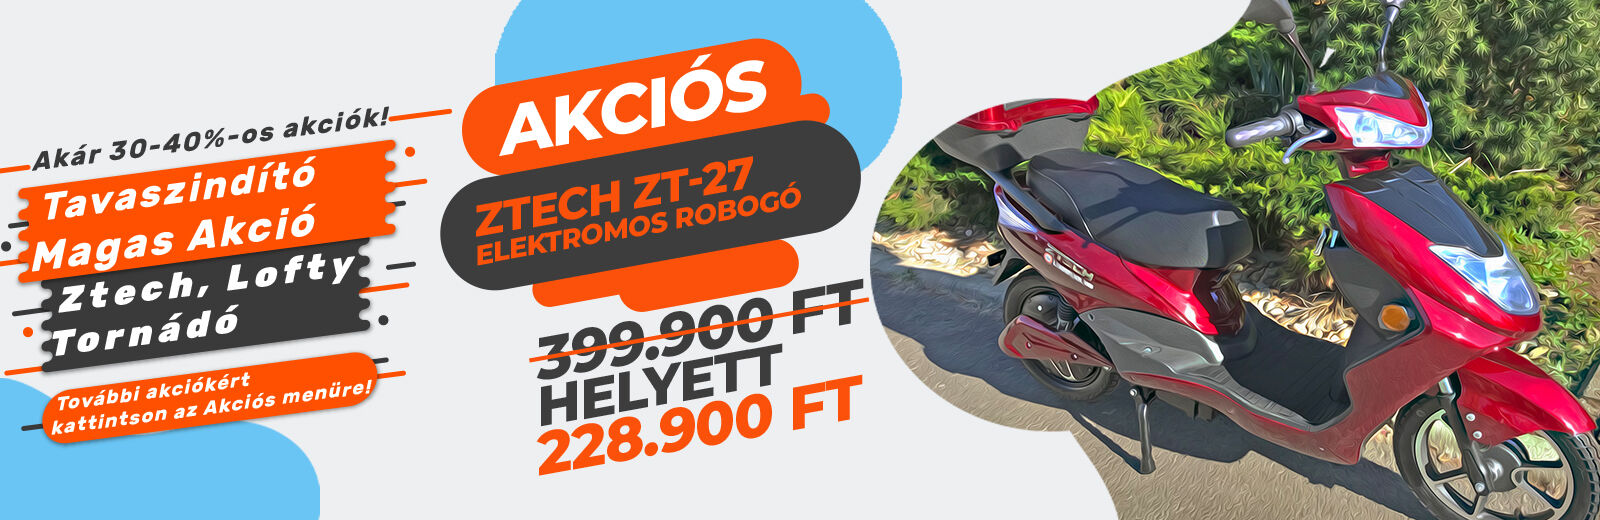 ZT-27 AKCIÓ